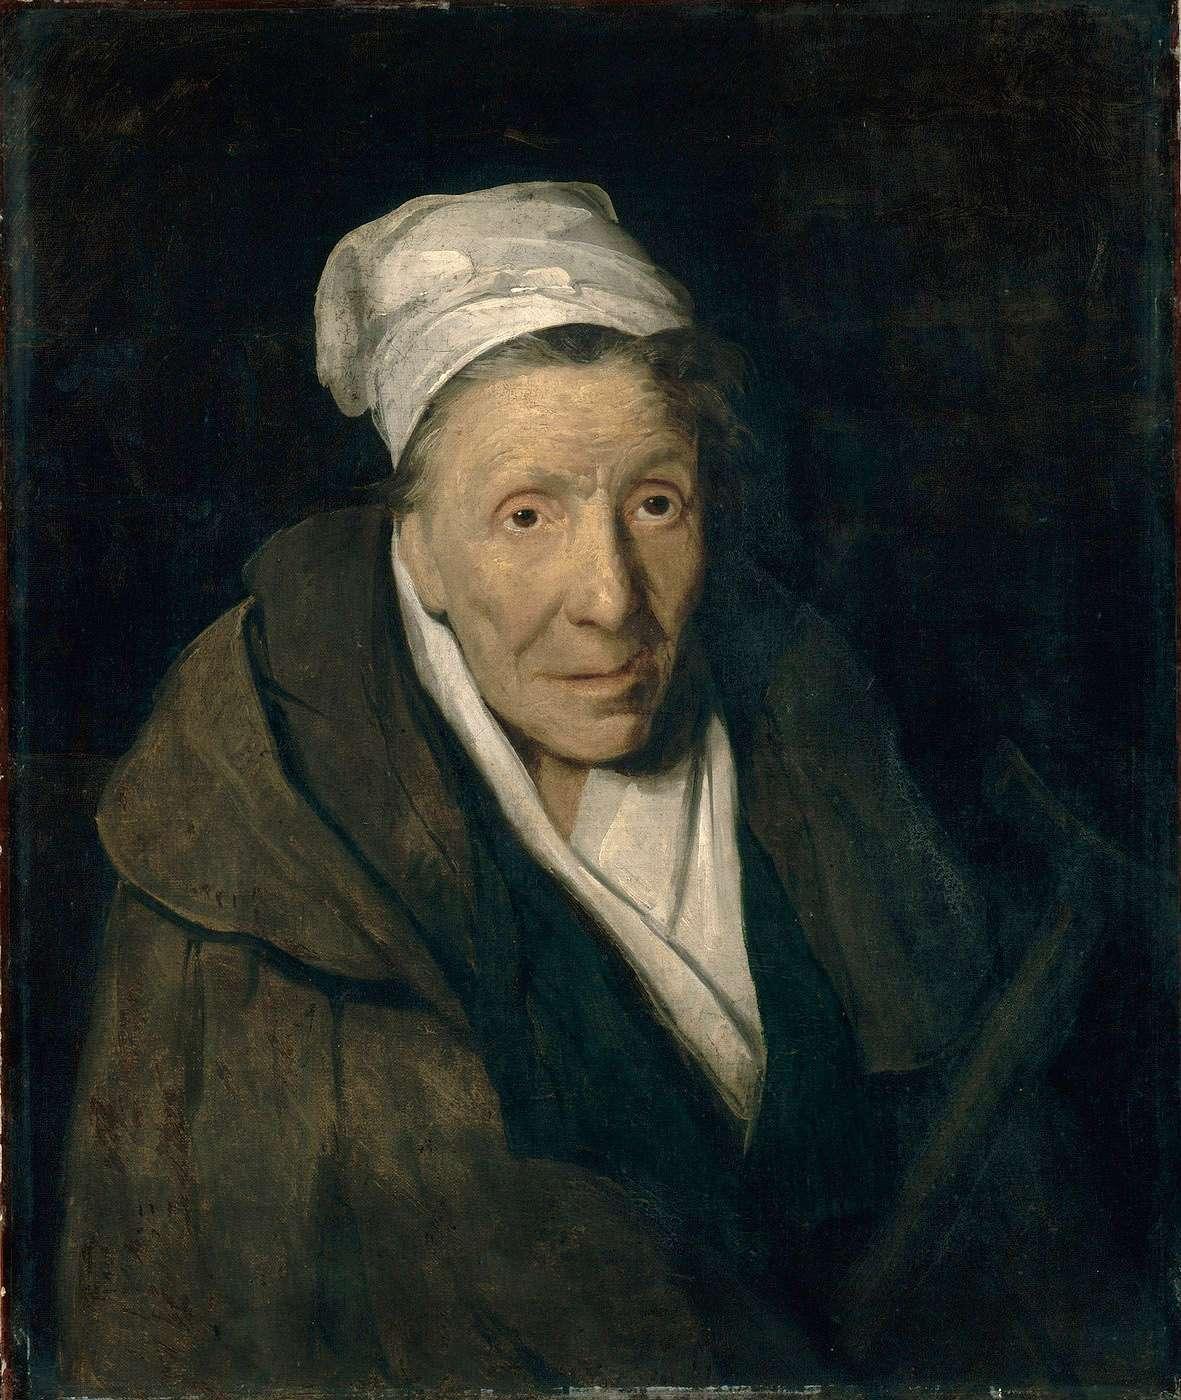 La folle monomane du jeu, Théodore Géricault, 1822